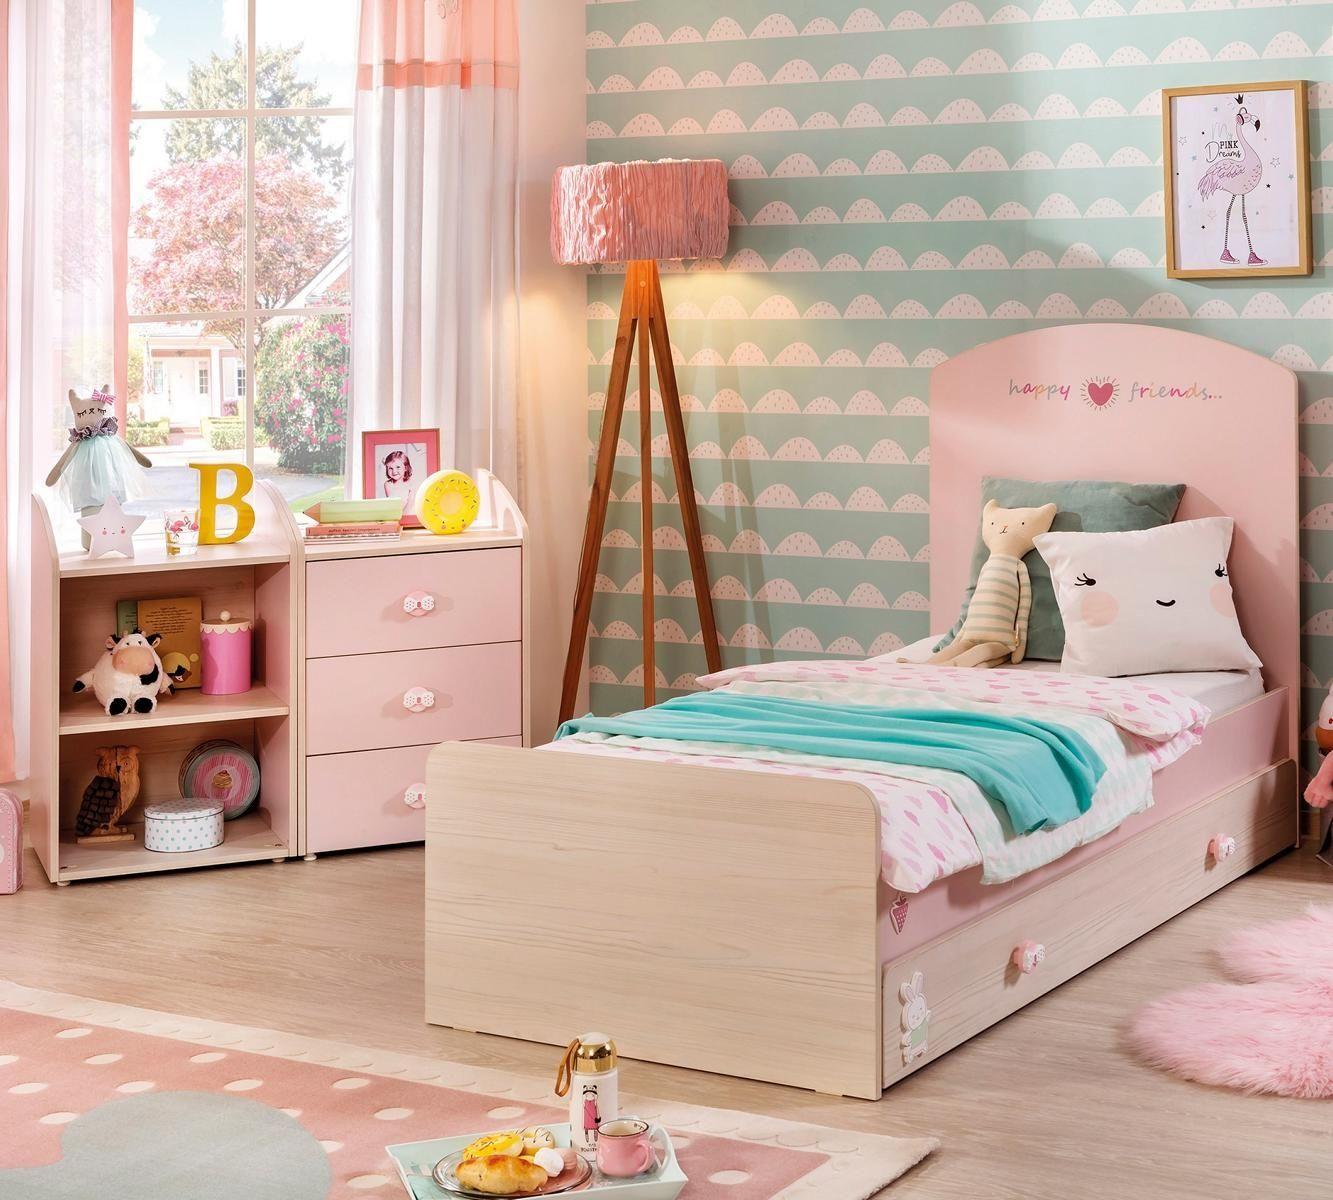 Baby En Peuterbed.Babykamer Roze Babybed Baby Kamer Compleet Meisjes Peuterbed